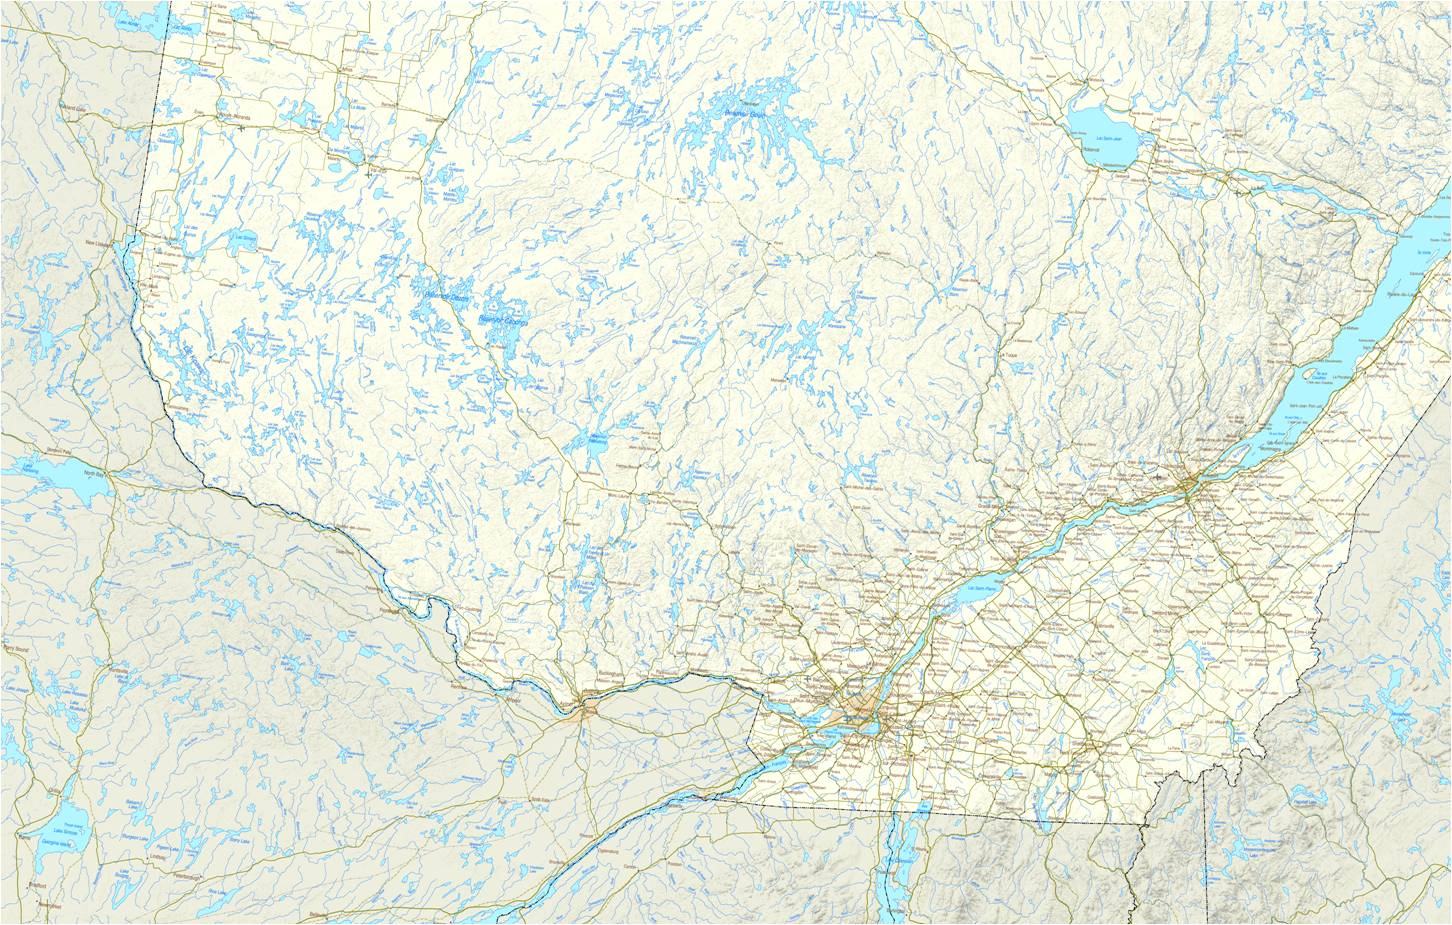 La Laurentie. Ministère de l'Énergie est des Ressources naturelles du Québec. Comprend des données ouvertes octroyées sous la licence d'utilisation des données ouvertes de l'Administration gouvernementale disponible à l'adresse Web :  www.données.gouv.qc.ca. L'octroi de la licence n'implique aucune approbation par l'Administration gouvernementale de l'utilisation des données ouvertes qui en est faite.